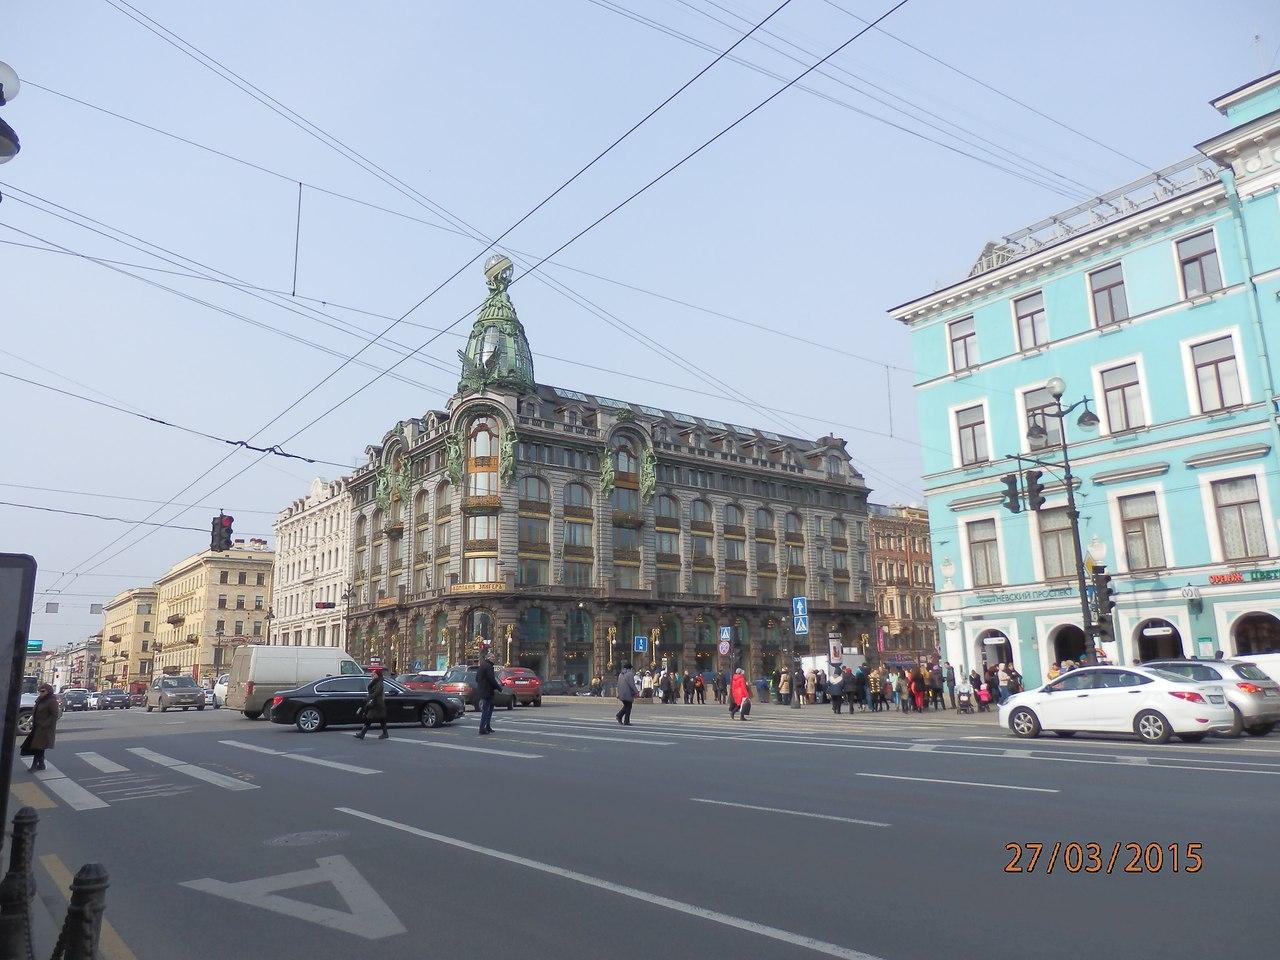 Прогулка по Невскому проспекту D1ODOoBVRto